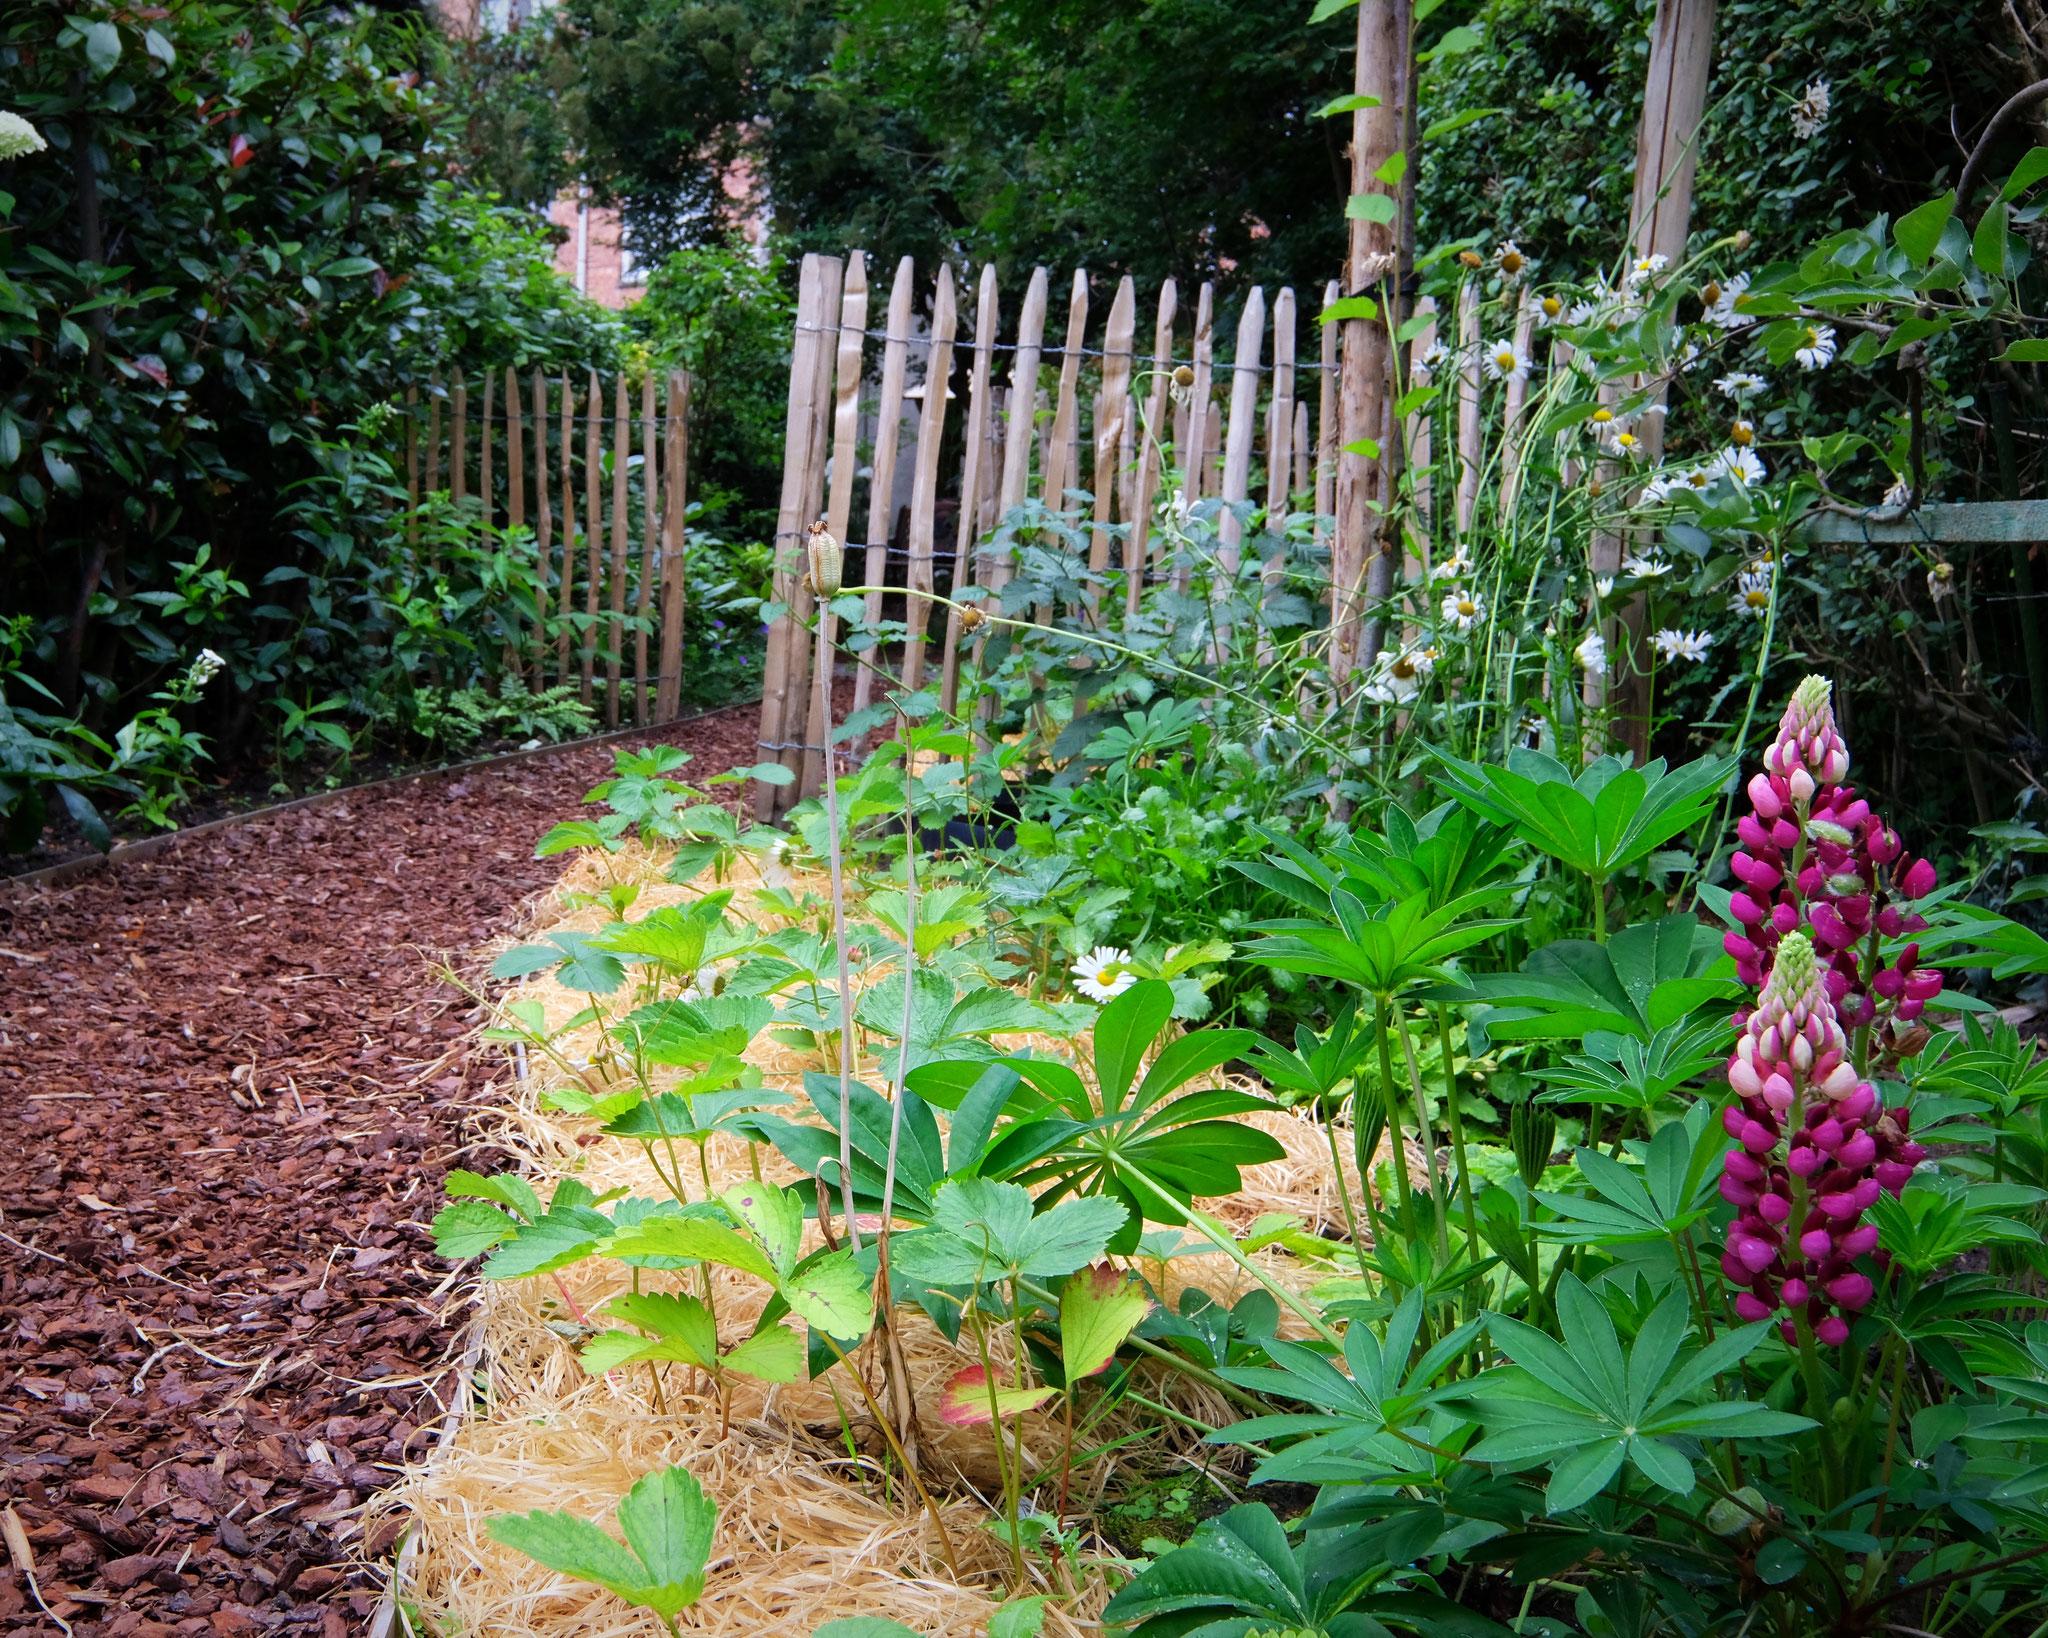 Jardin de ville 120m2 - Agroforesterie urbaine - A ras des fraisiers. Aménagement jardin Bruxelles.